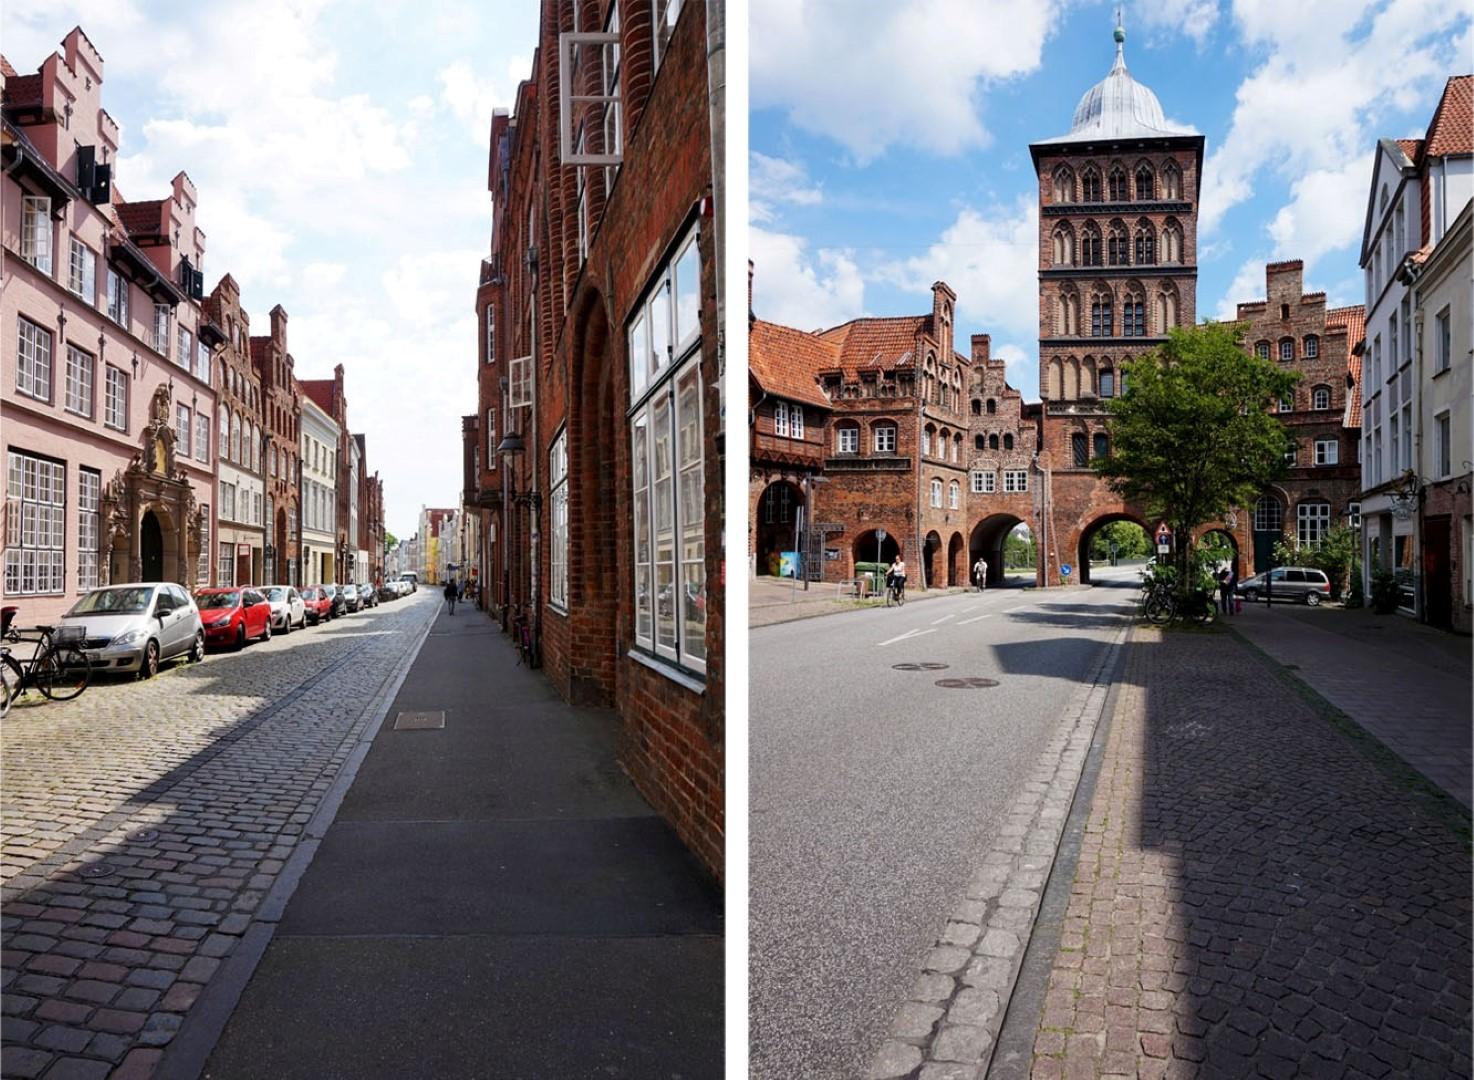 Un jour à Lübeck- City Guide - Blog voyage